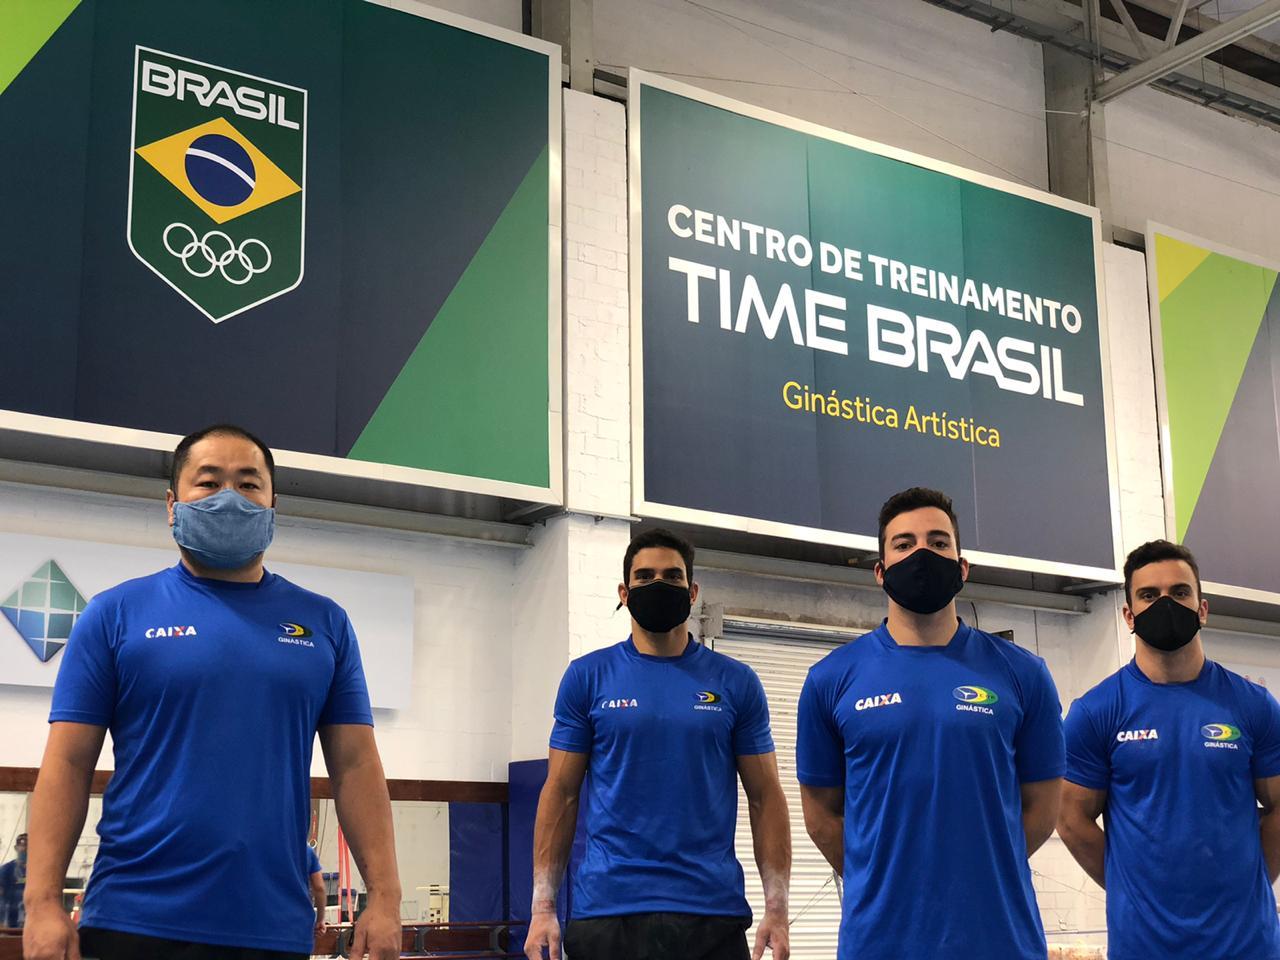 Técnico Ricardo e os ginastas Leonardo, Lucas e Caio em treinamento no RJ ( Foto: Divulgação/MTC)